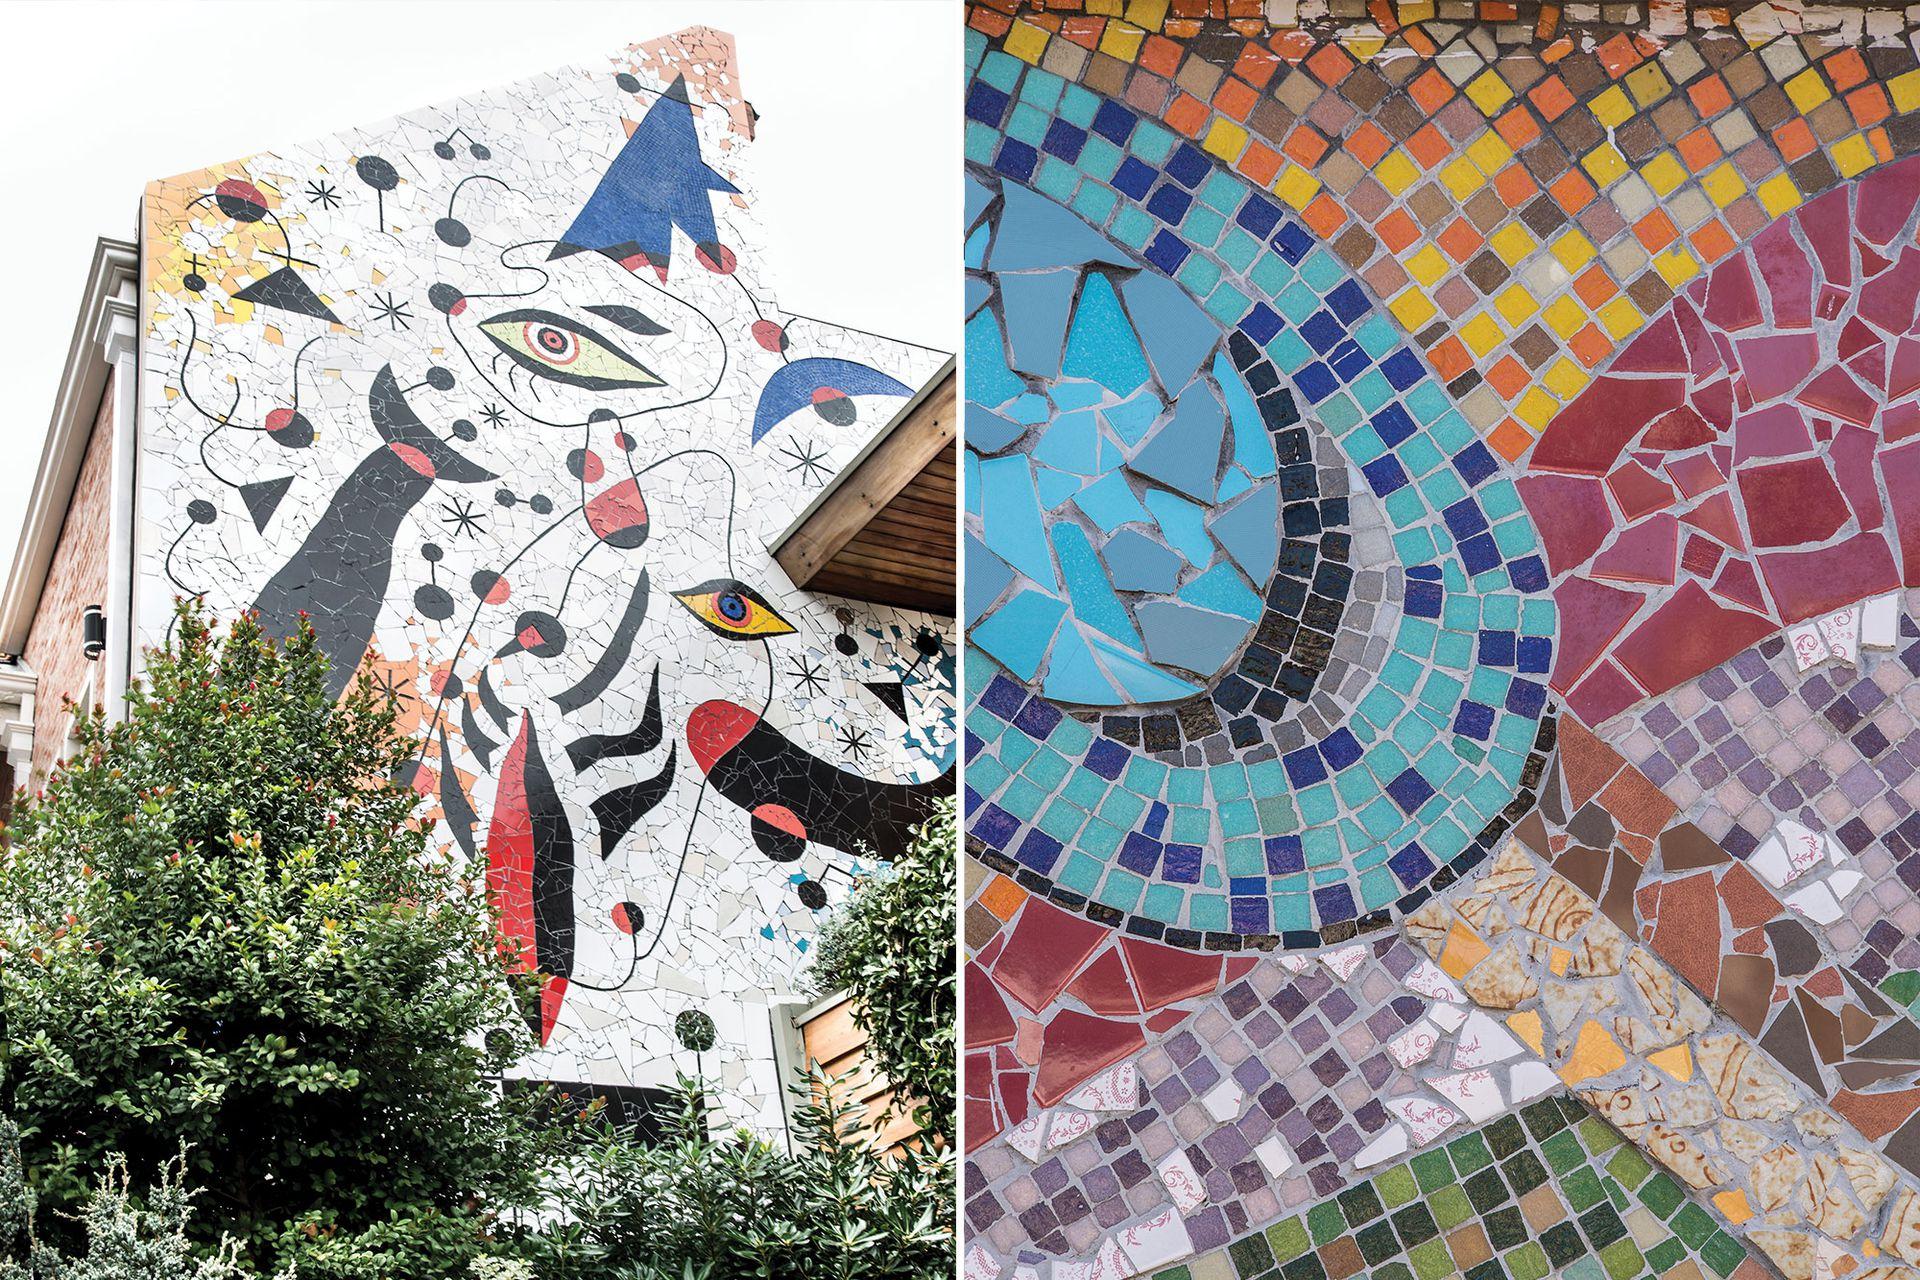 Izq.: Mural cerámico en homenaje a Joan Miró. Der.: Fragmento de la obra de estación Malaver